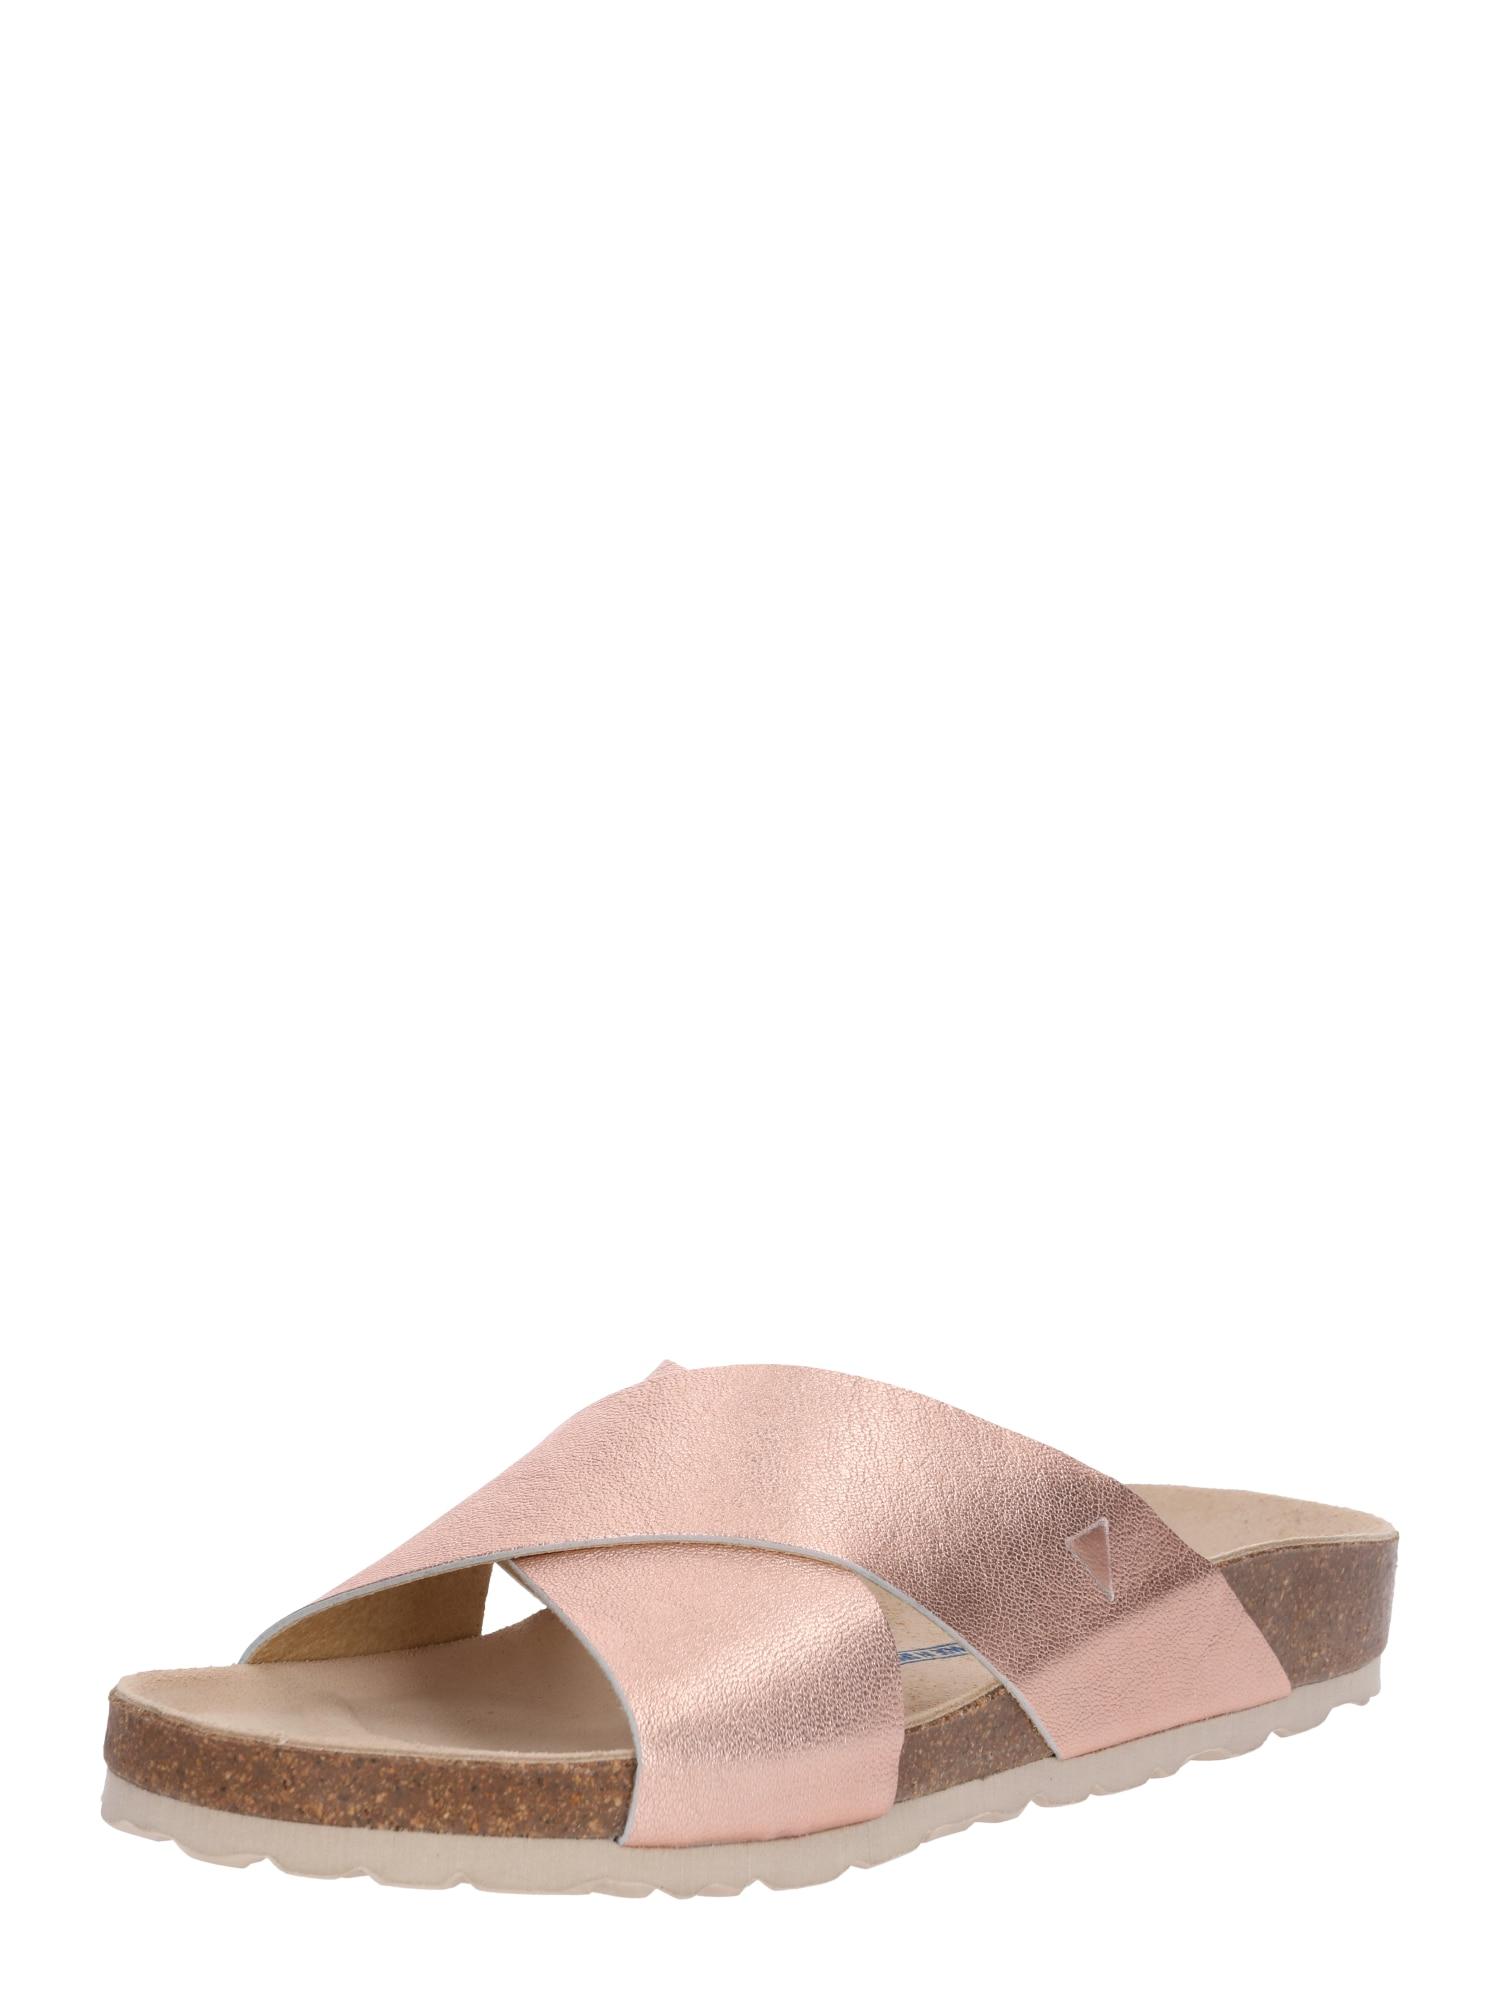 Pantofle SALINAS SABRINA růžově zlatá VERBENAS